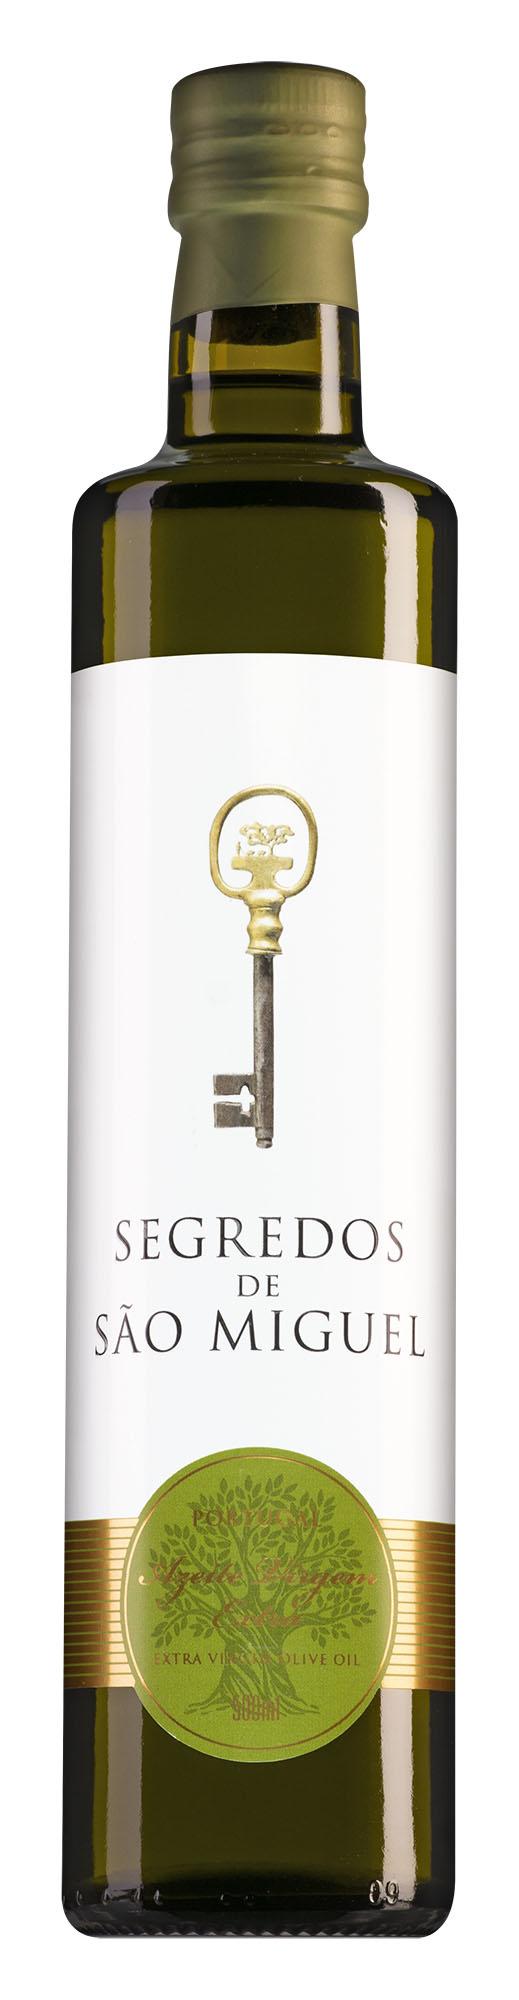 Segredos de São Miguel olijfolie 50cl